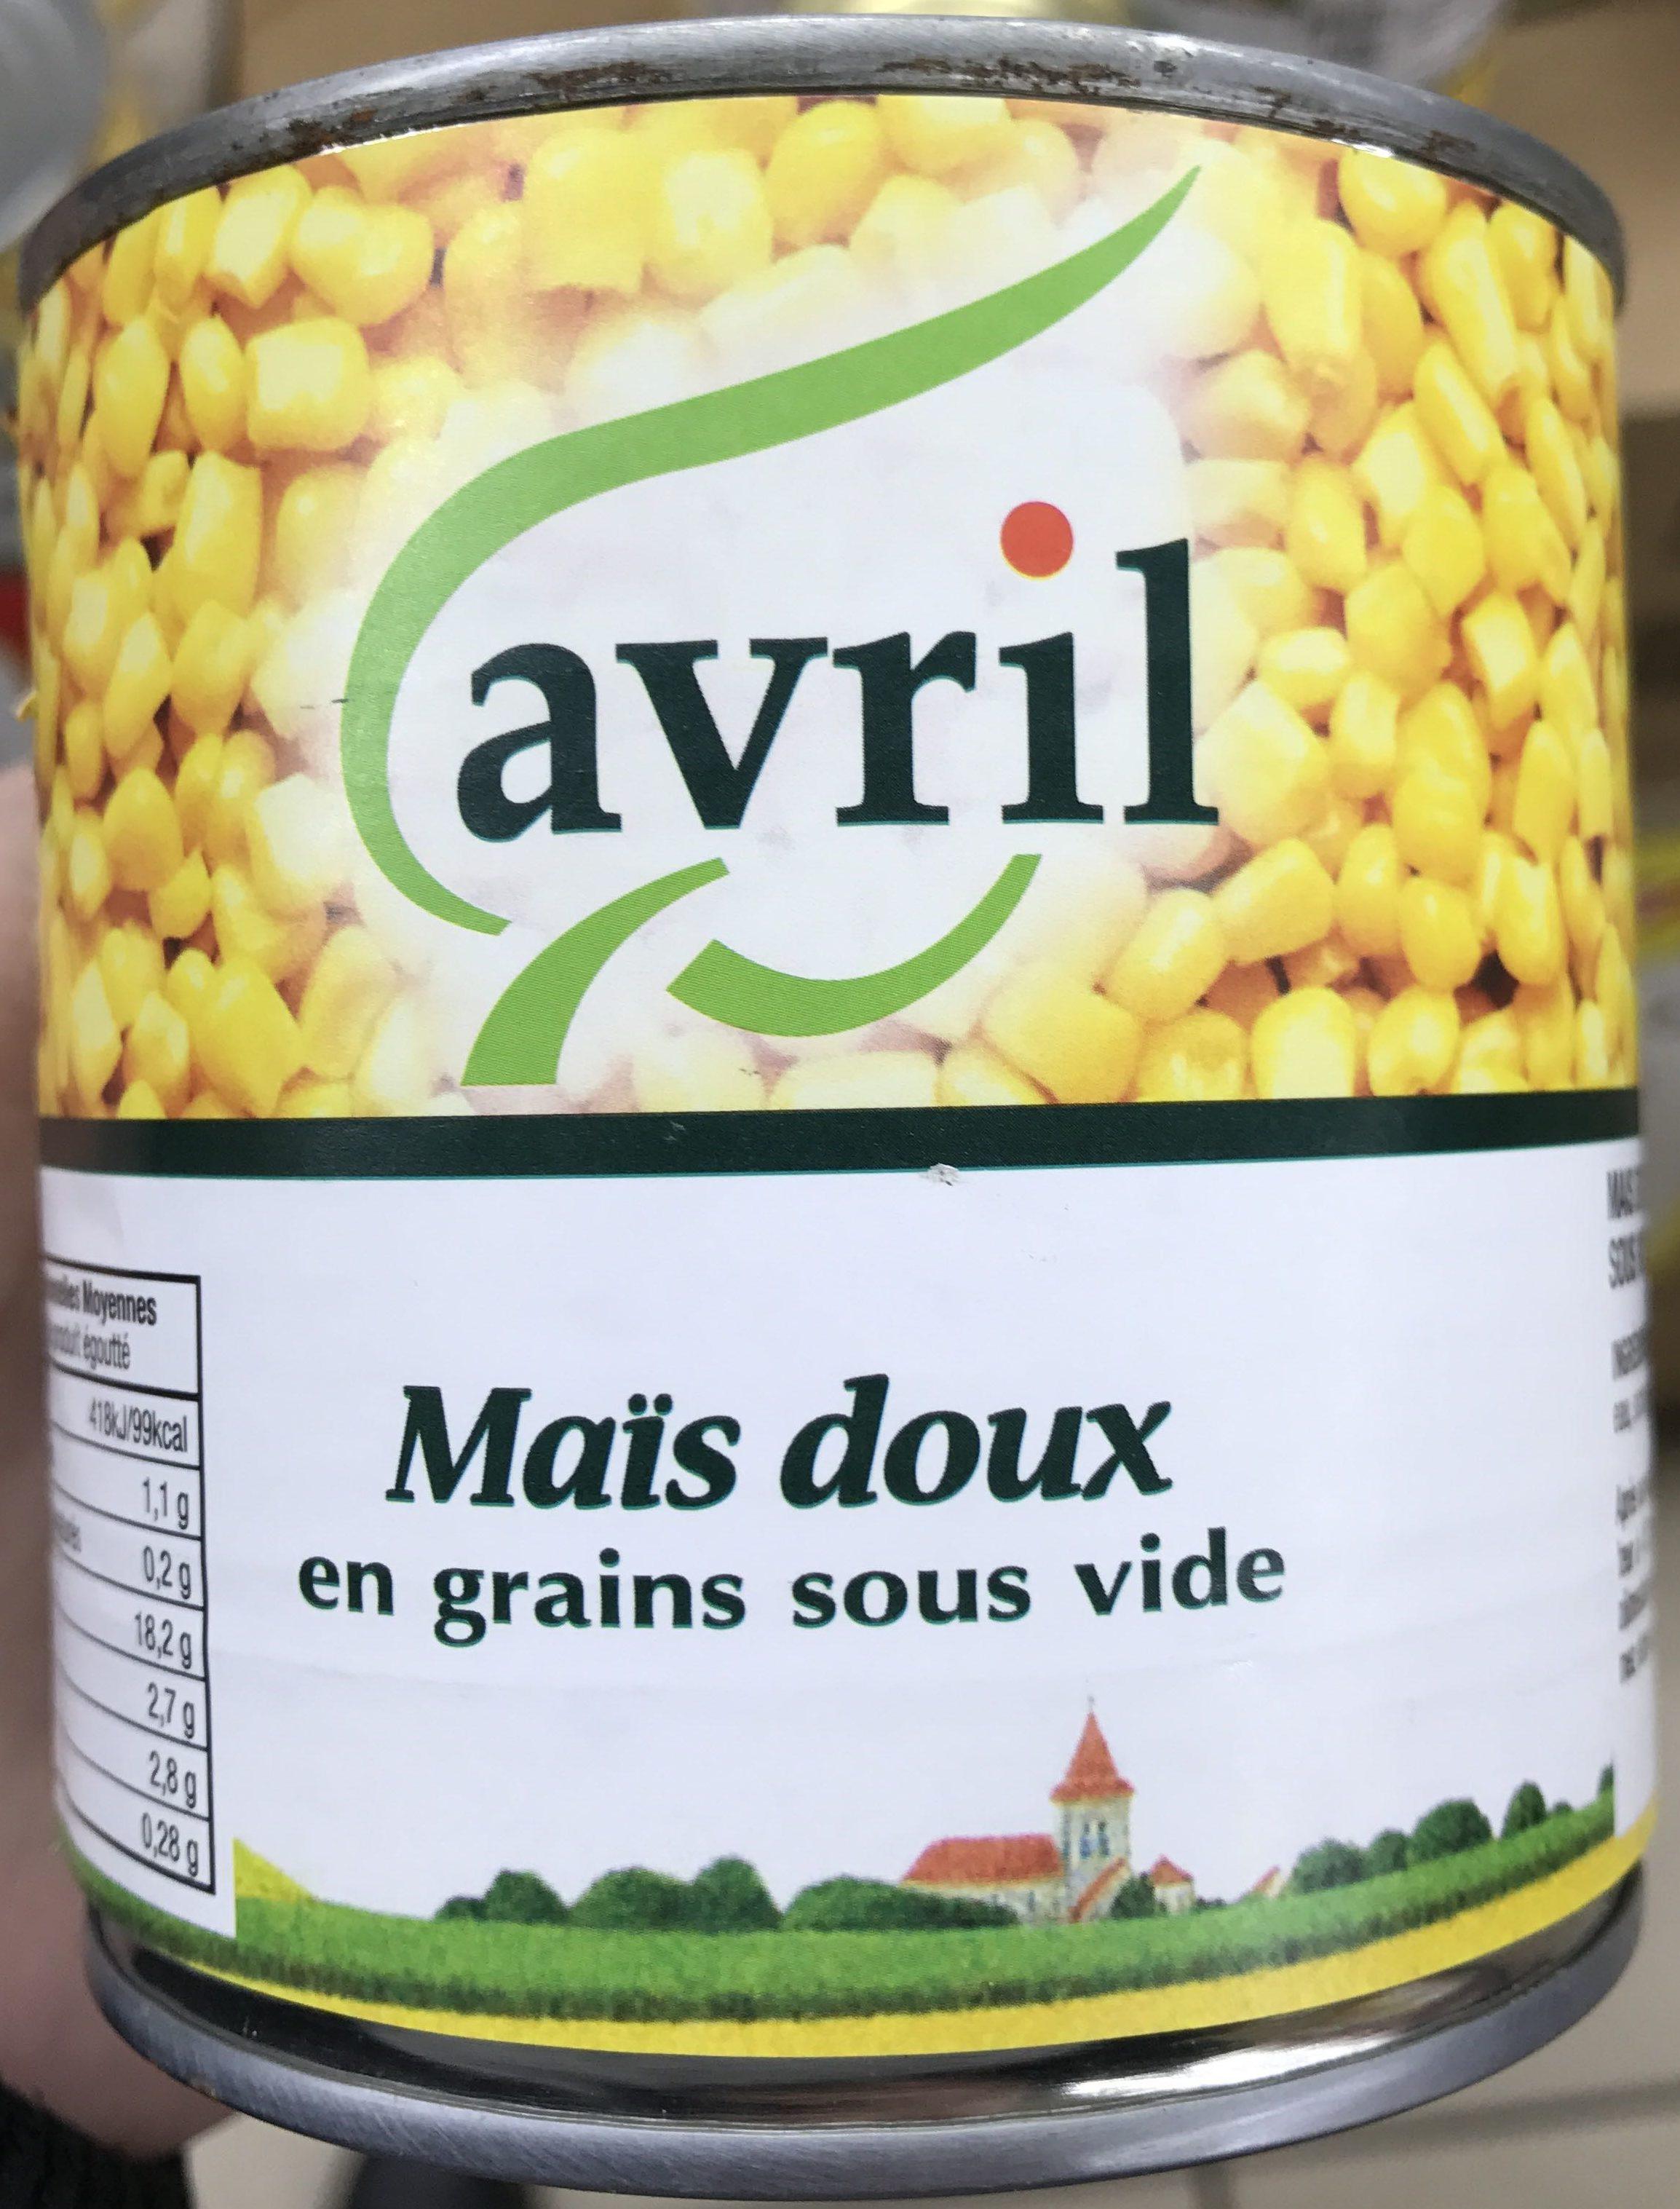 Maïs doux en grains sous vide - Produit - fr